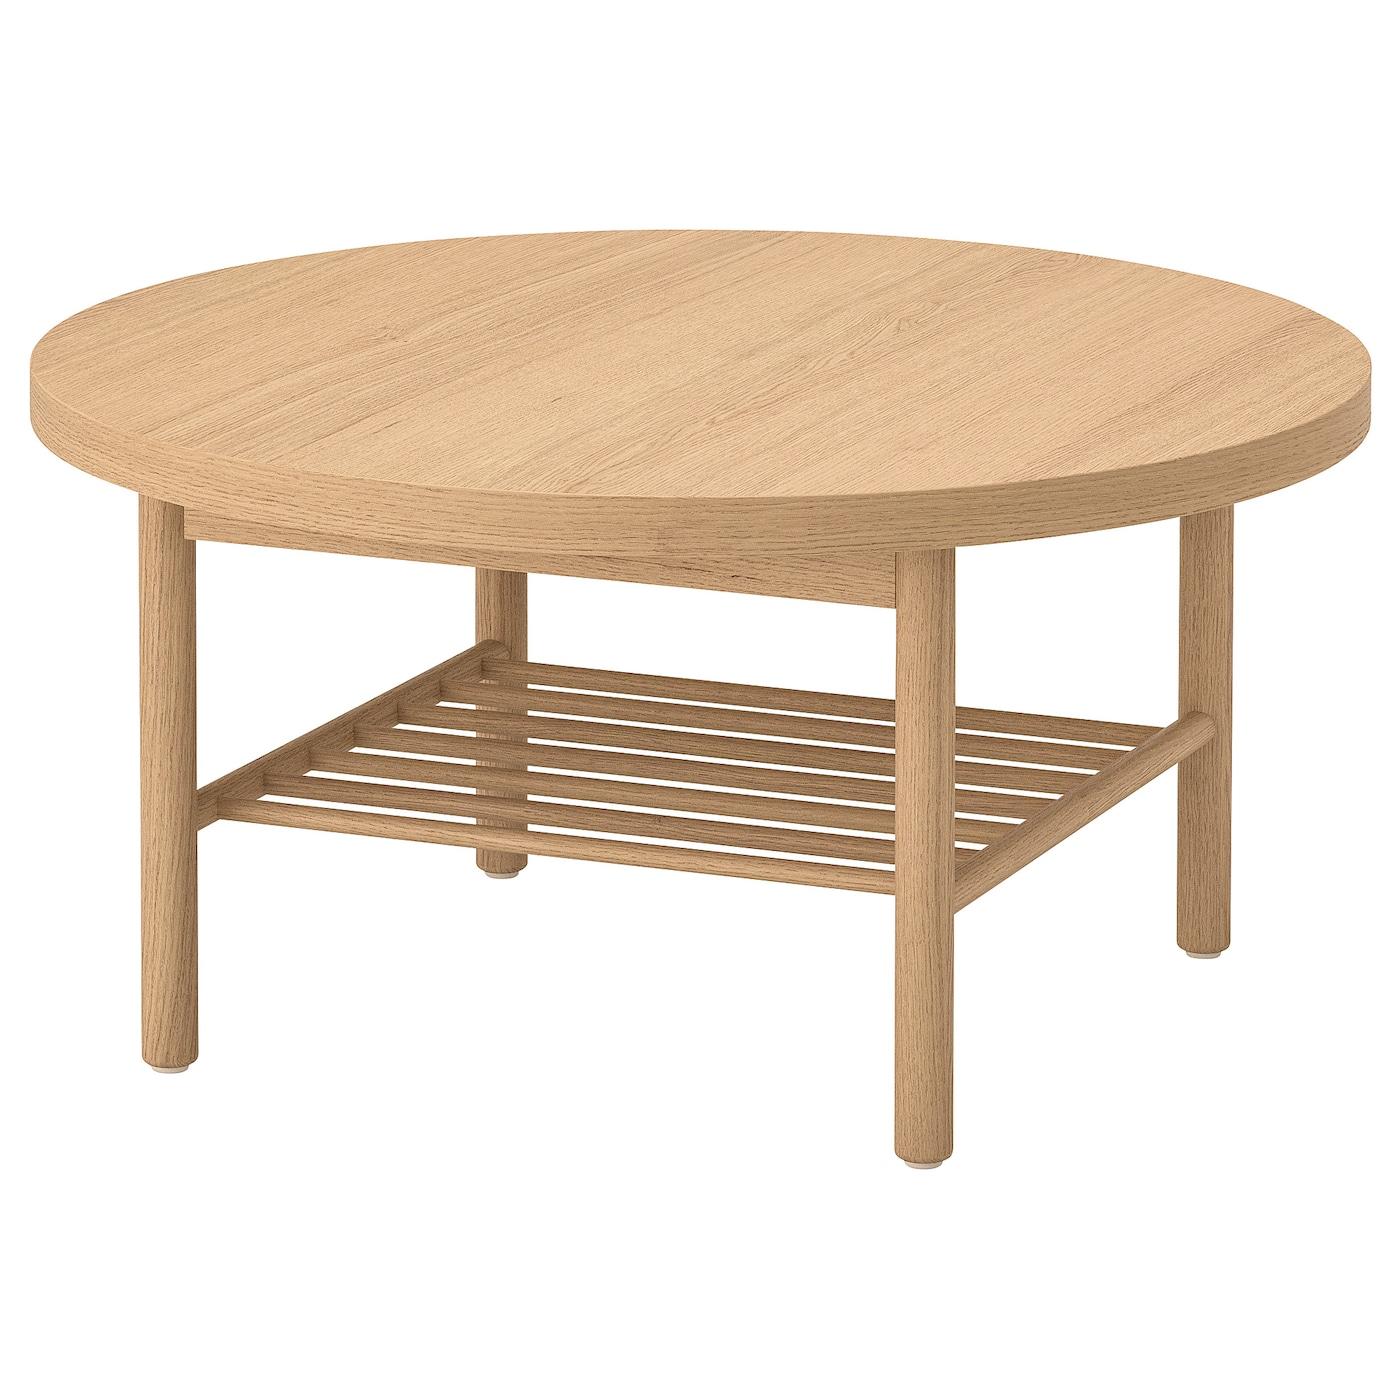 IKEA LISTERBY Stolik, biała bejca dąb, 90 cm